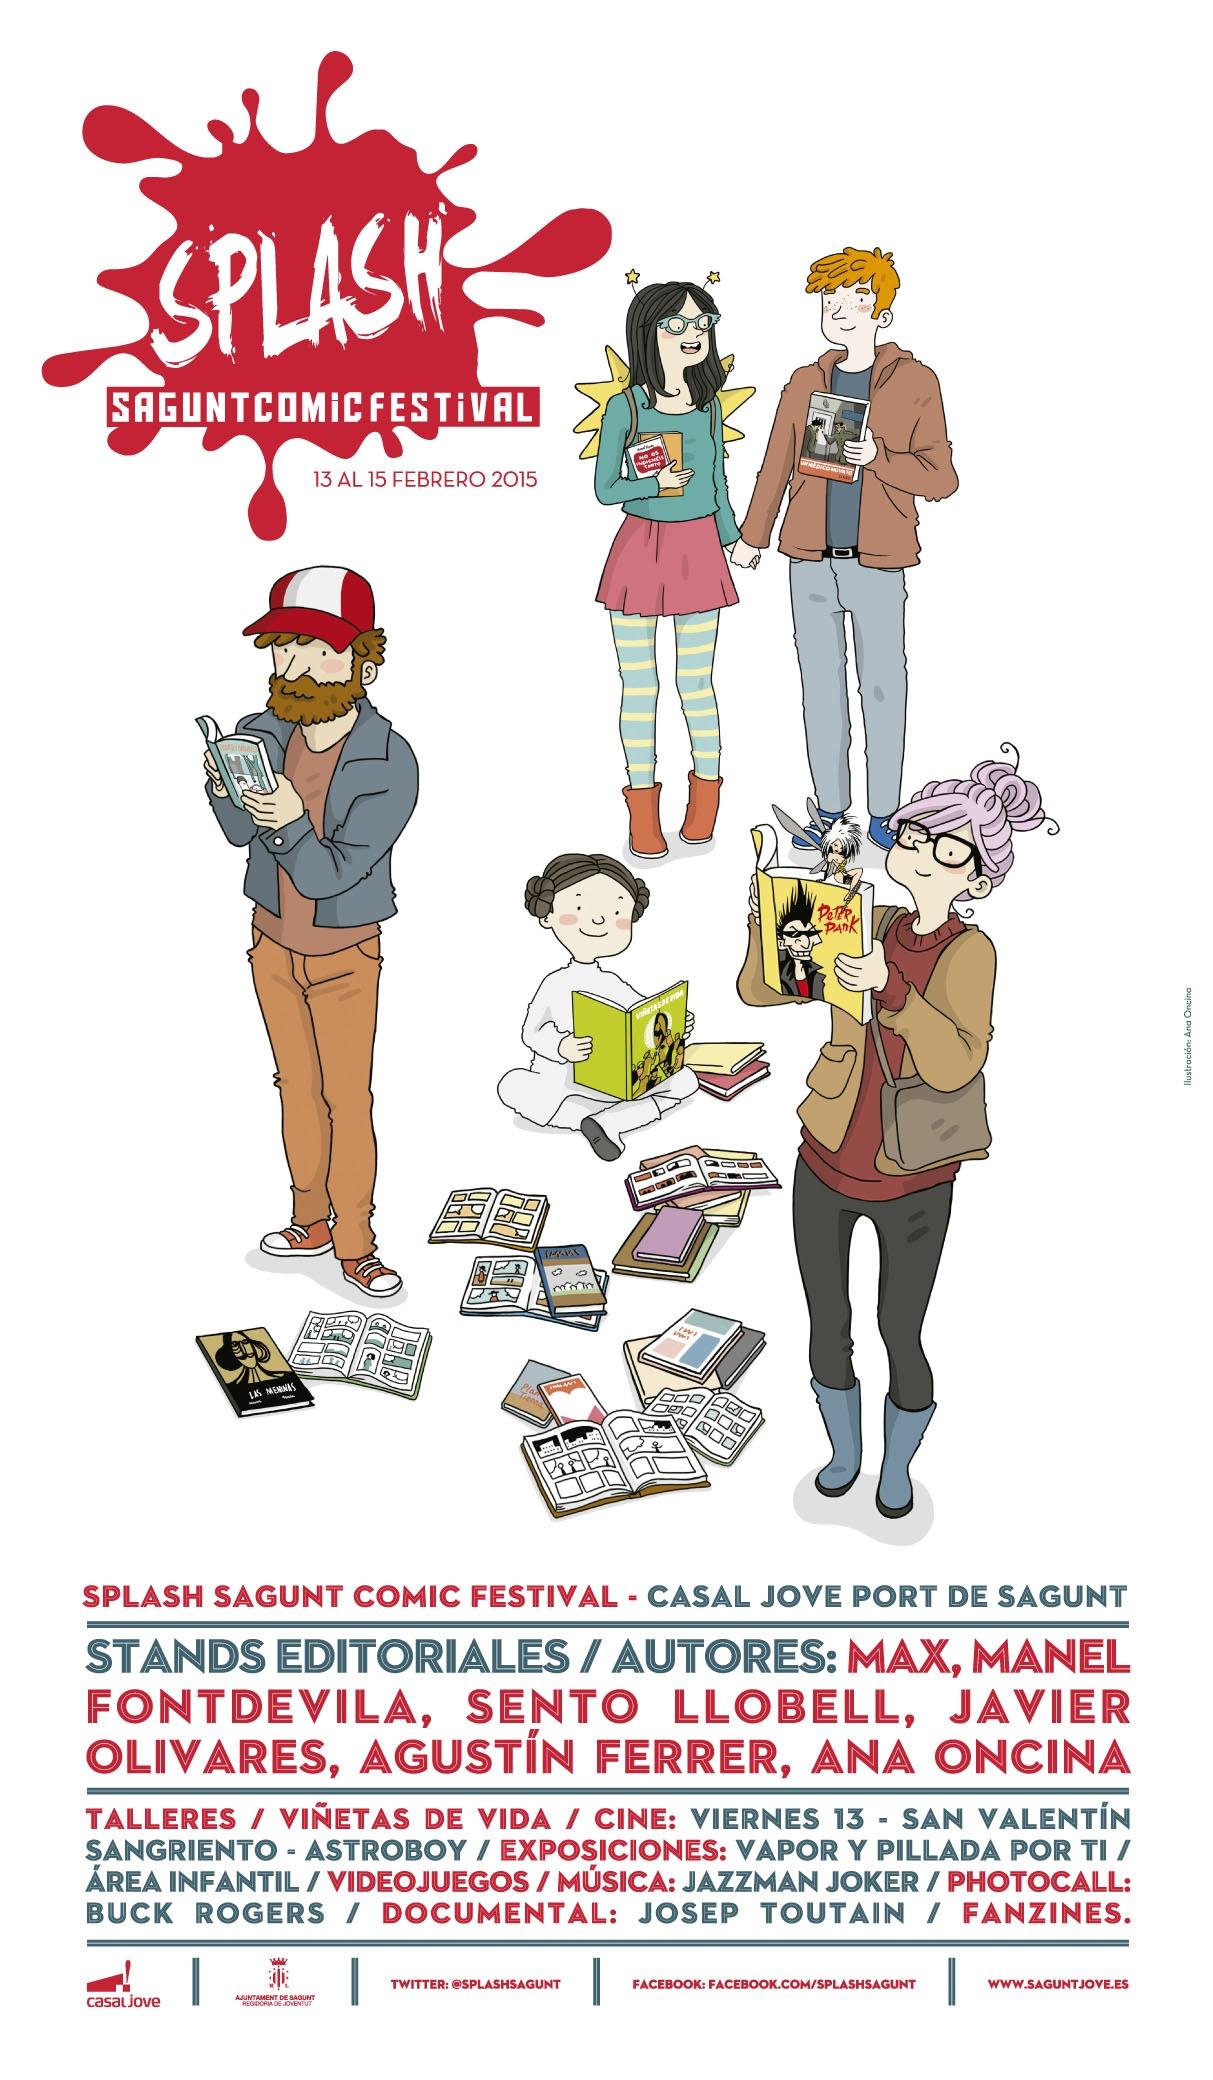 Splash sagunt comic festival del 13 al 15 de febrero de - Casal jove puerto sagunto ...